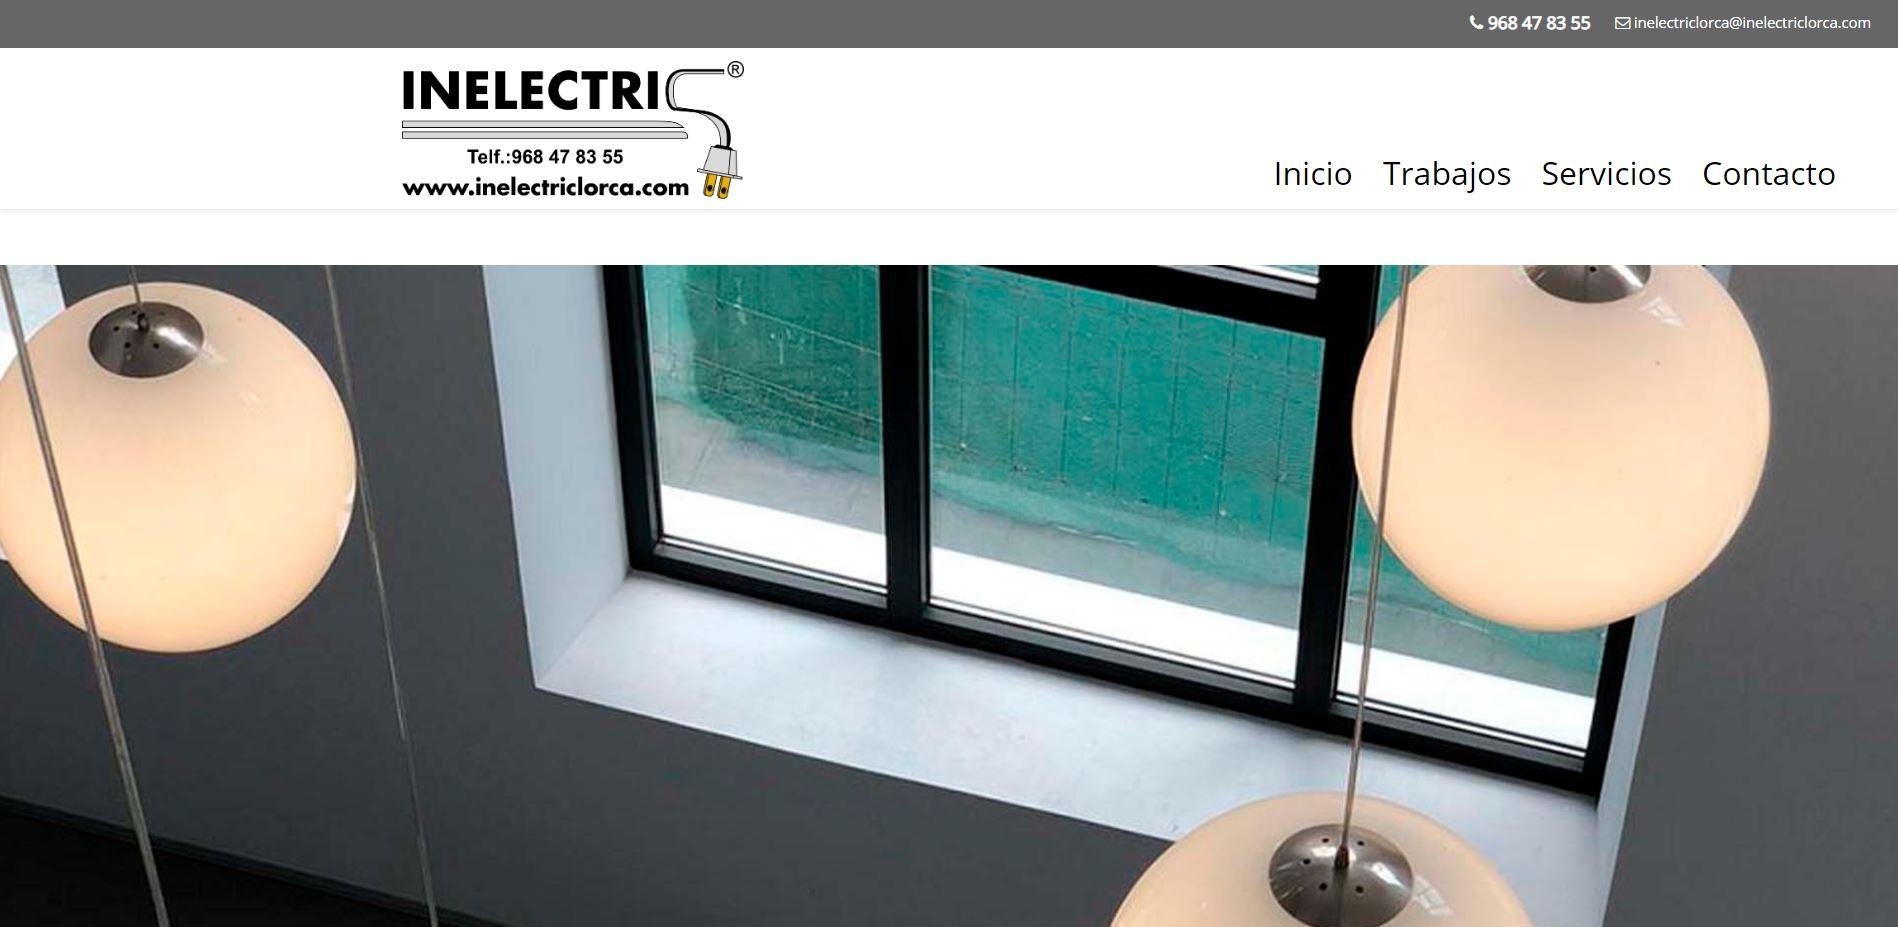 Inelectric Lorca - Instalación y mantenimiento de sistemas eléctricos industriales y domésticos